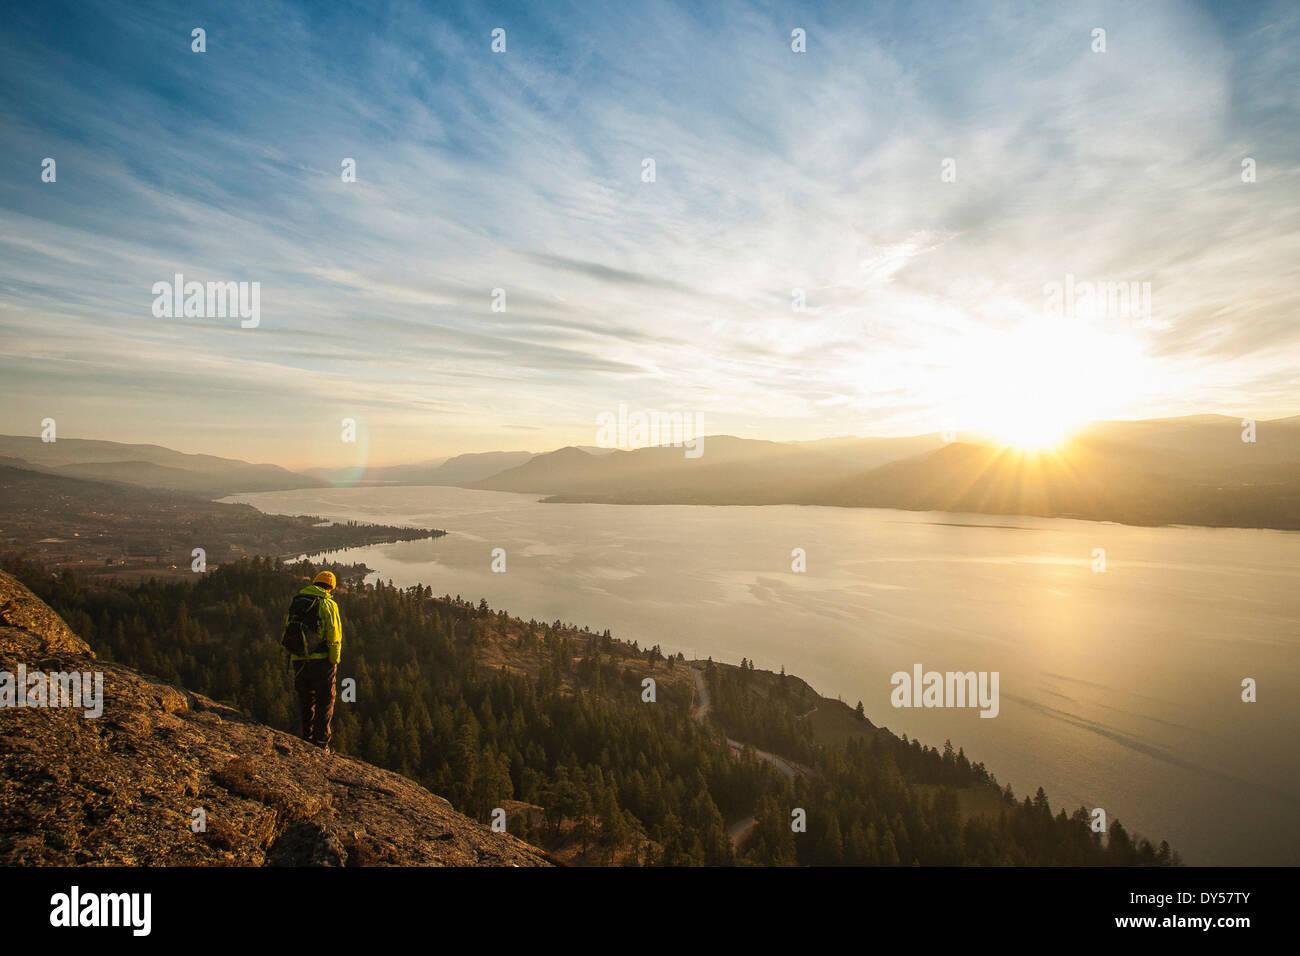 Escursionista maschio guardando tramonto sul Lago Okanagan, Naramata, British Columbia, Canada Immagini Stock